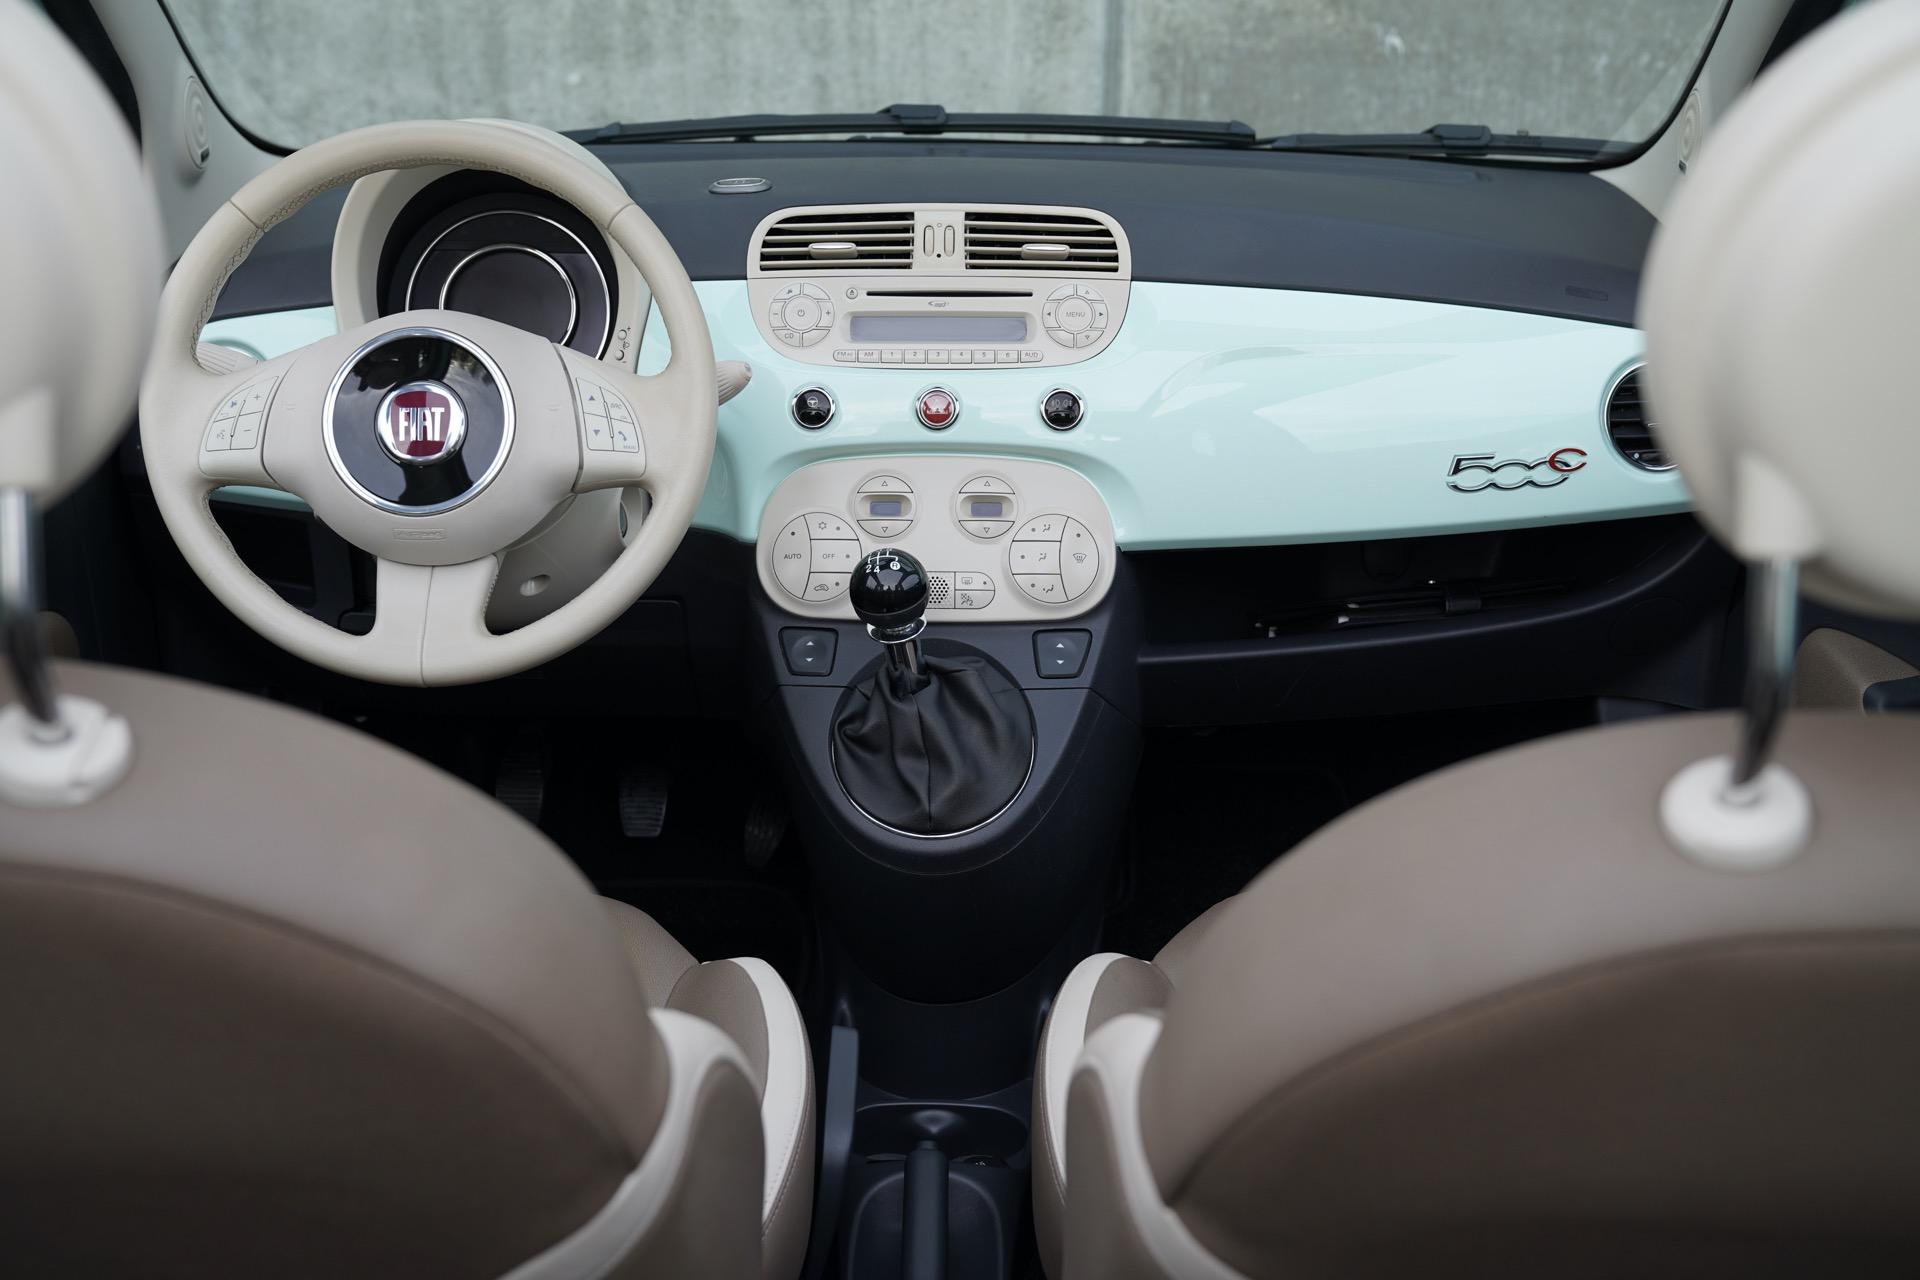 FIAT 500 CABRIO 1.2 PISTACCHIO